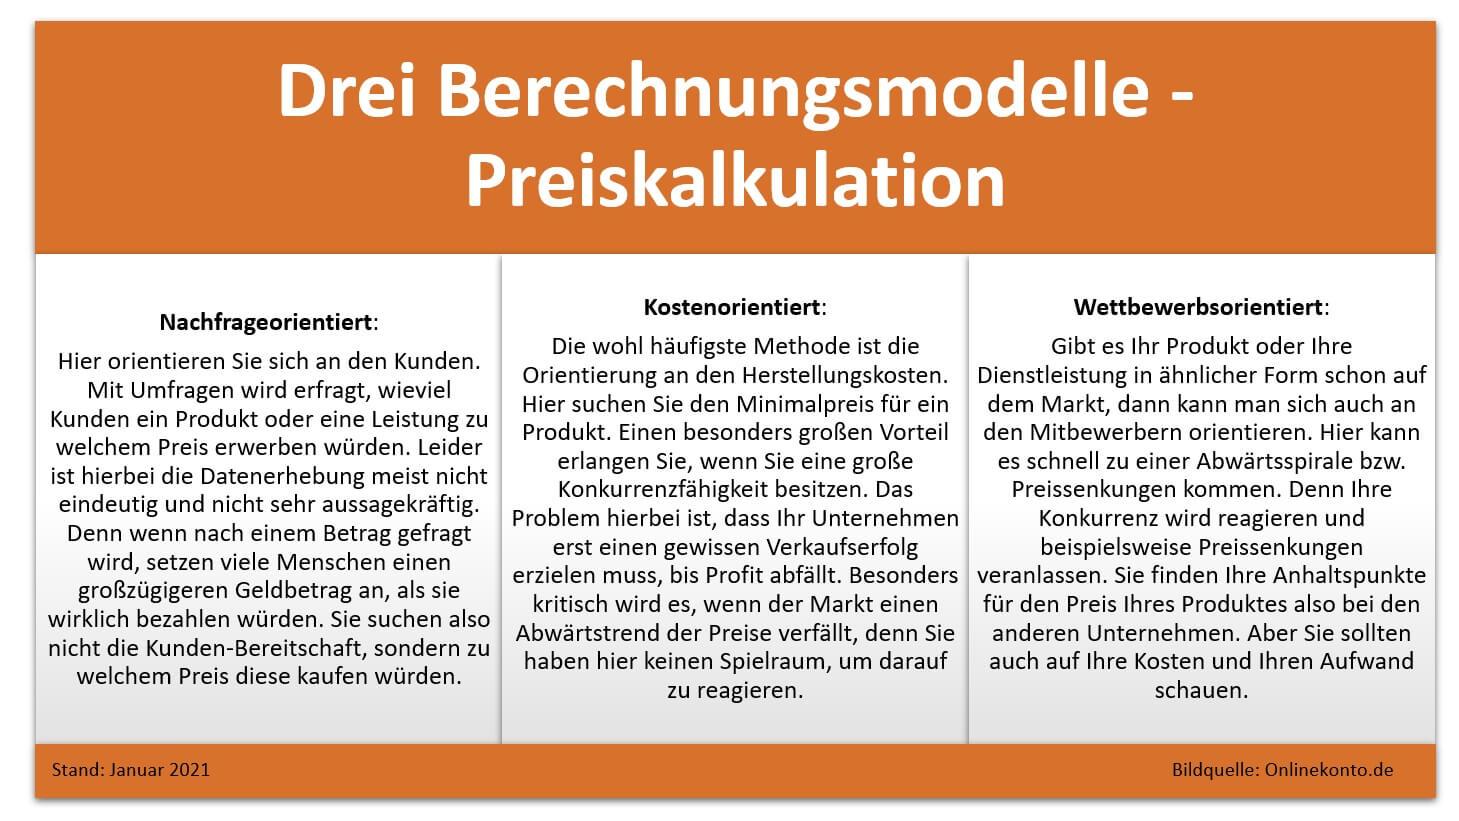 Preiskalkulation